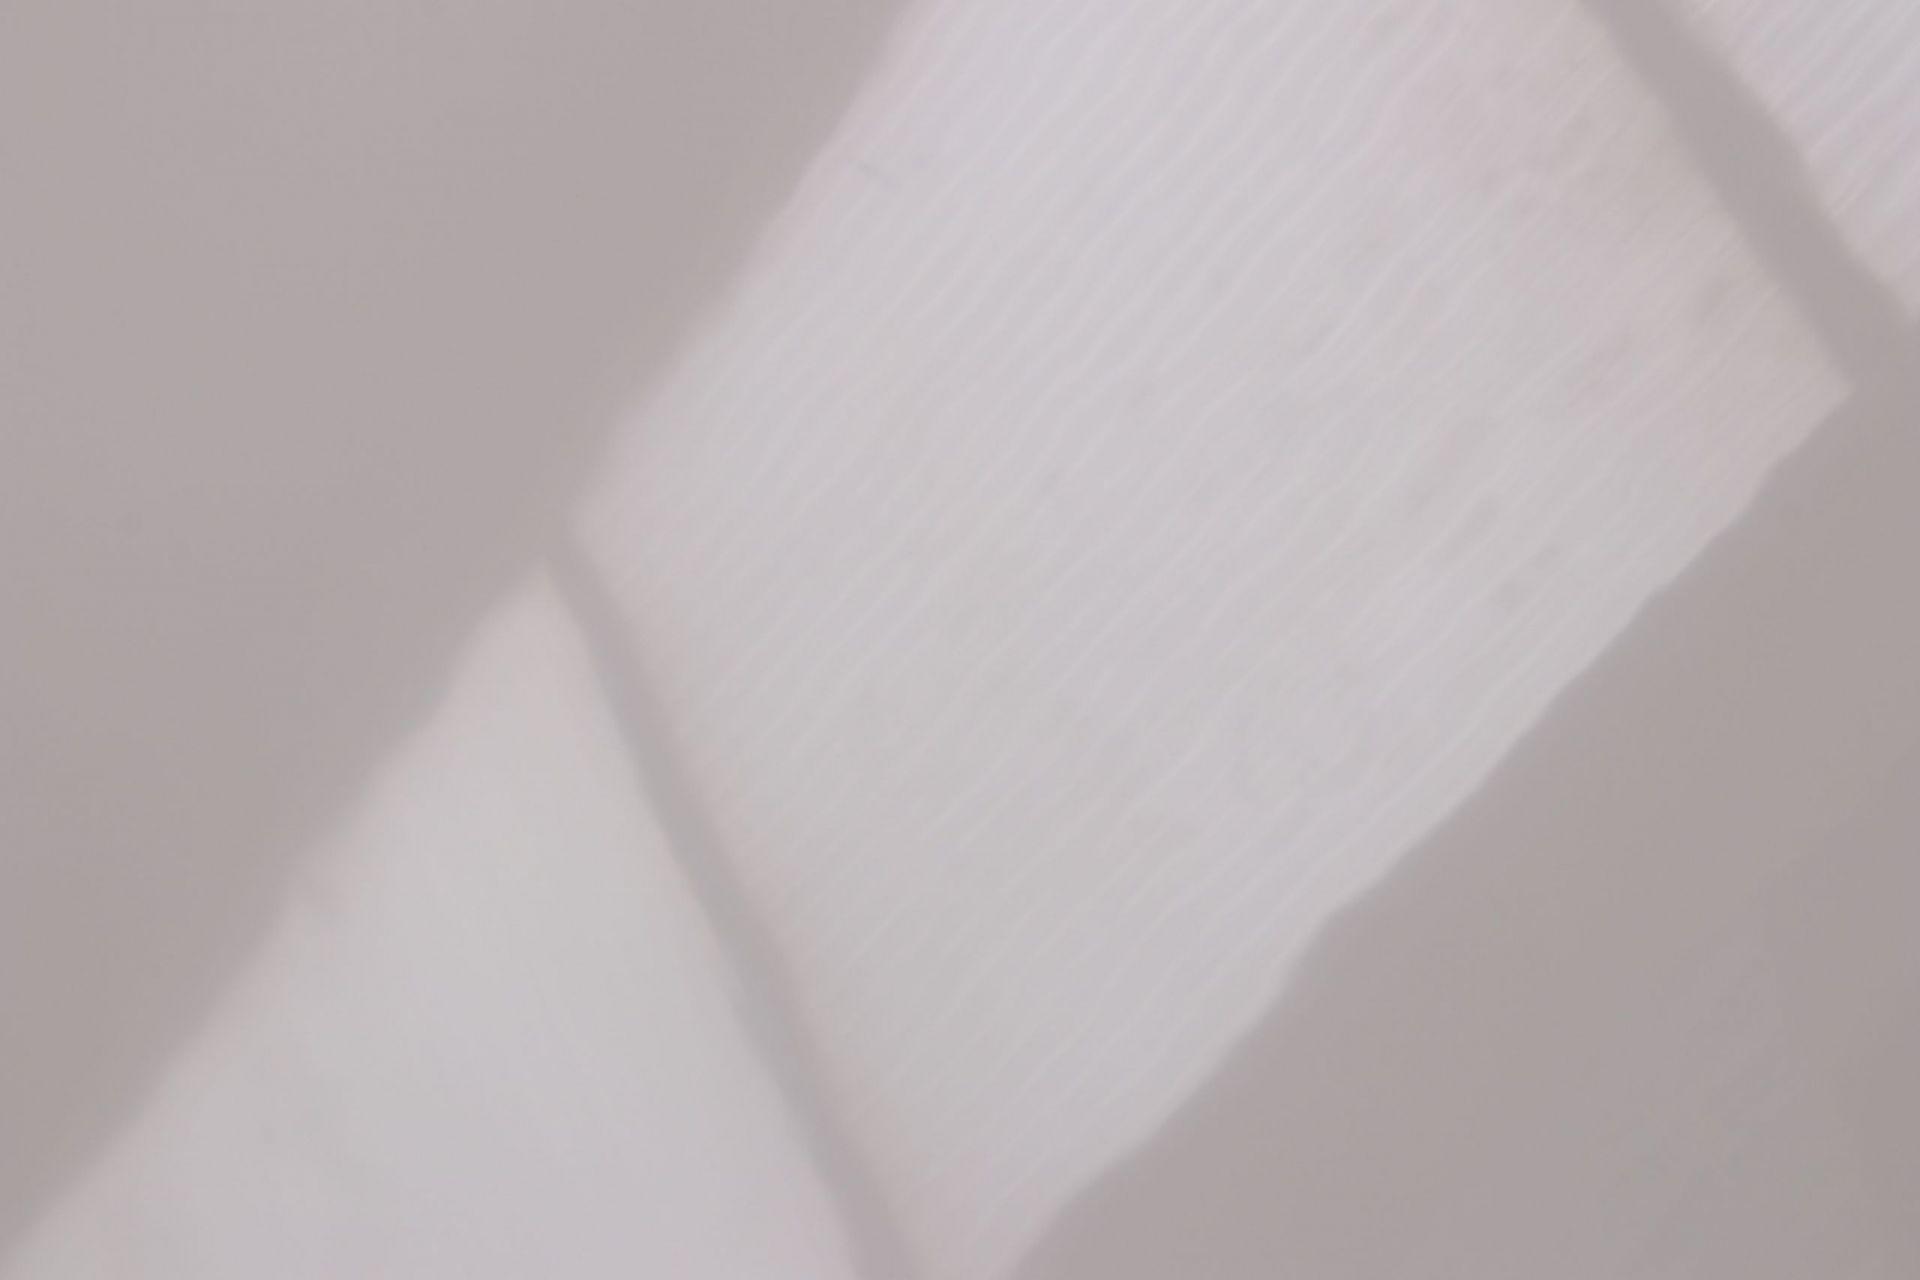 PAR182